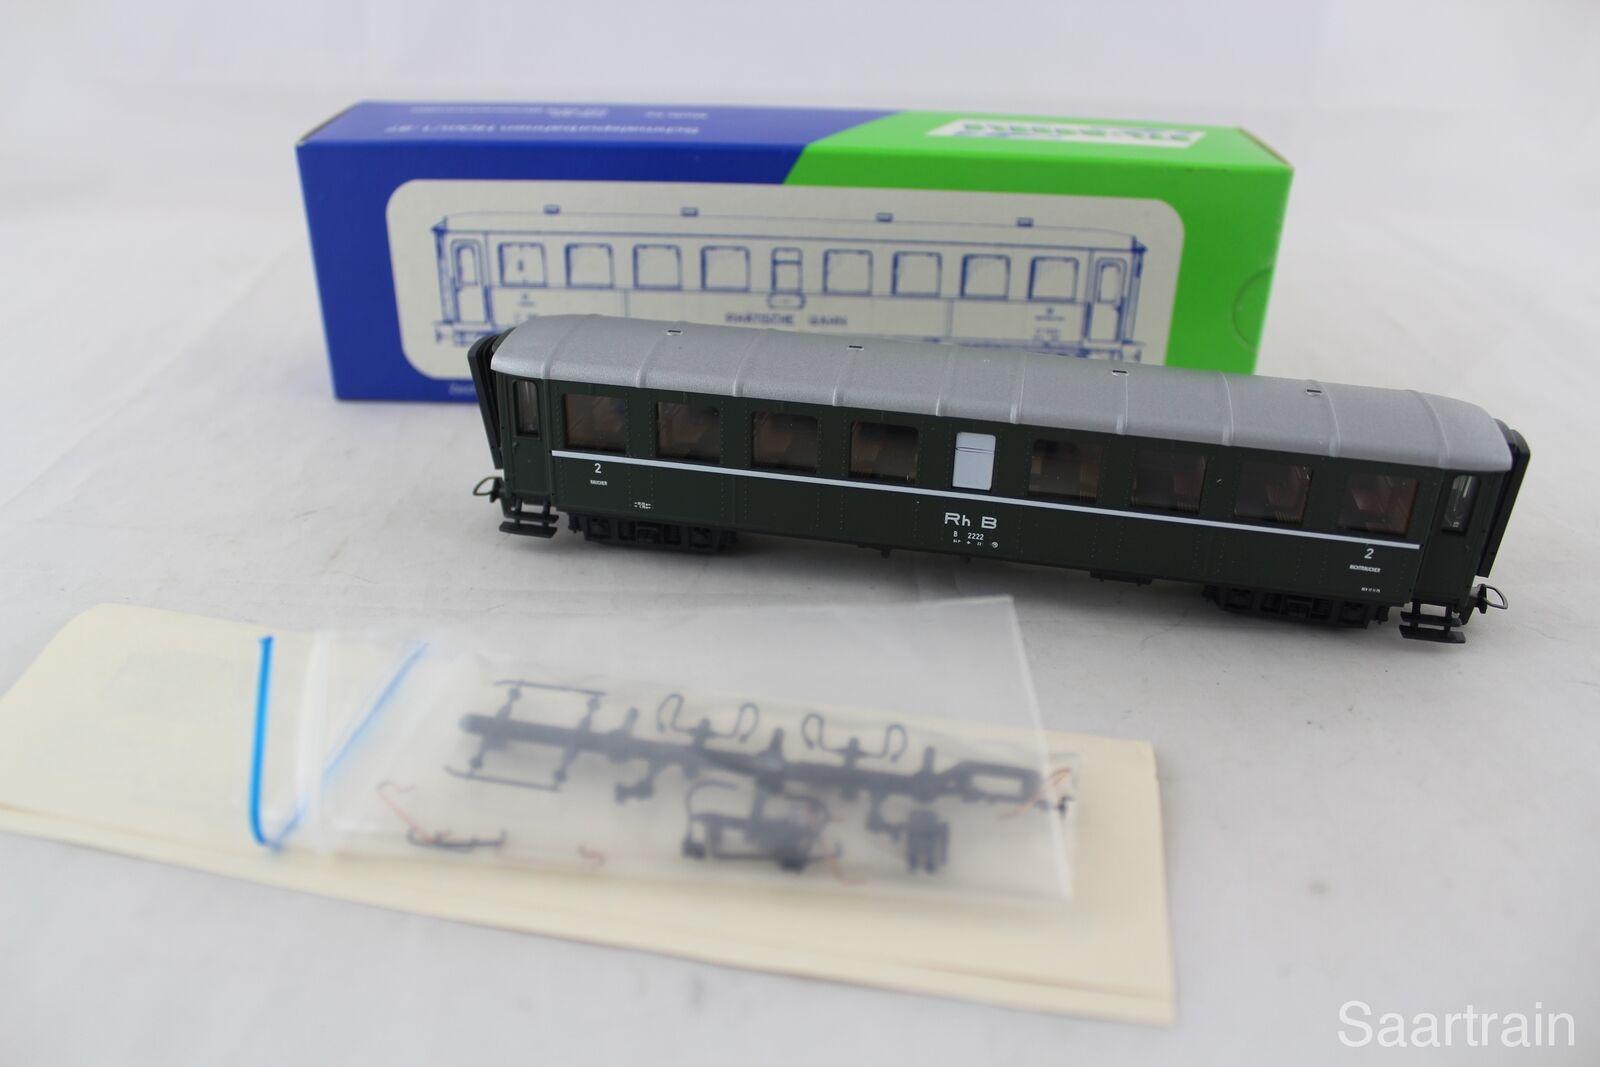 STL-models 2202/2 vagoni 2222 della RHB in verde, nuovo-condizioni con imballo originale